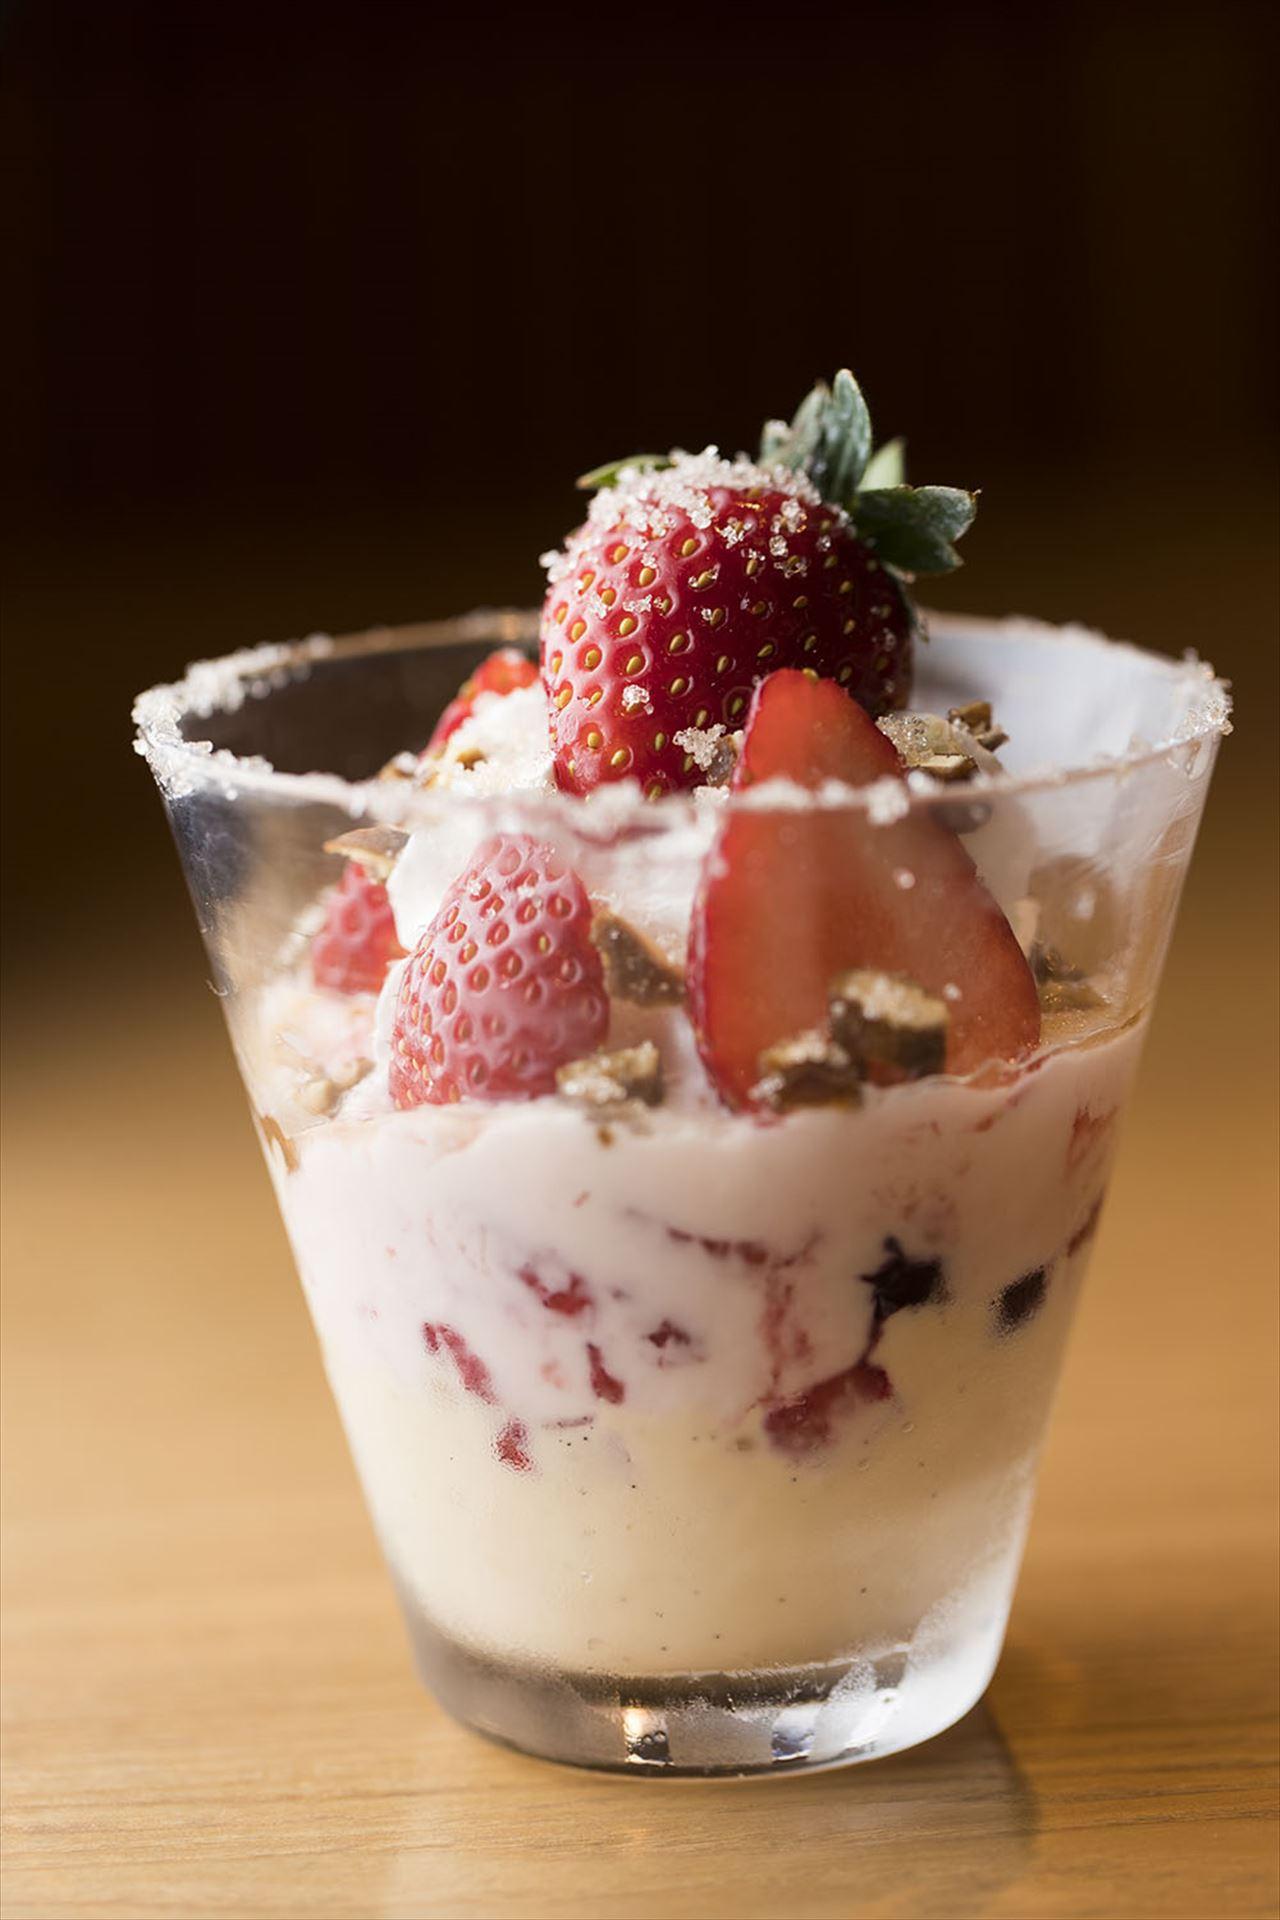 つくみ「苺のマスカルポーネアイスのパフェ きびざらかけ」